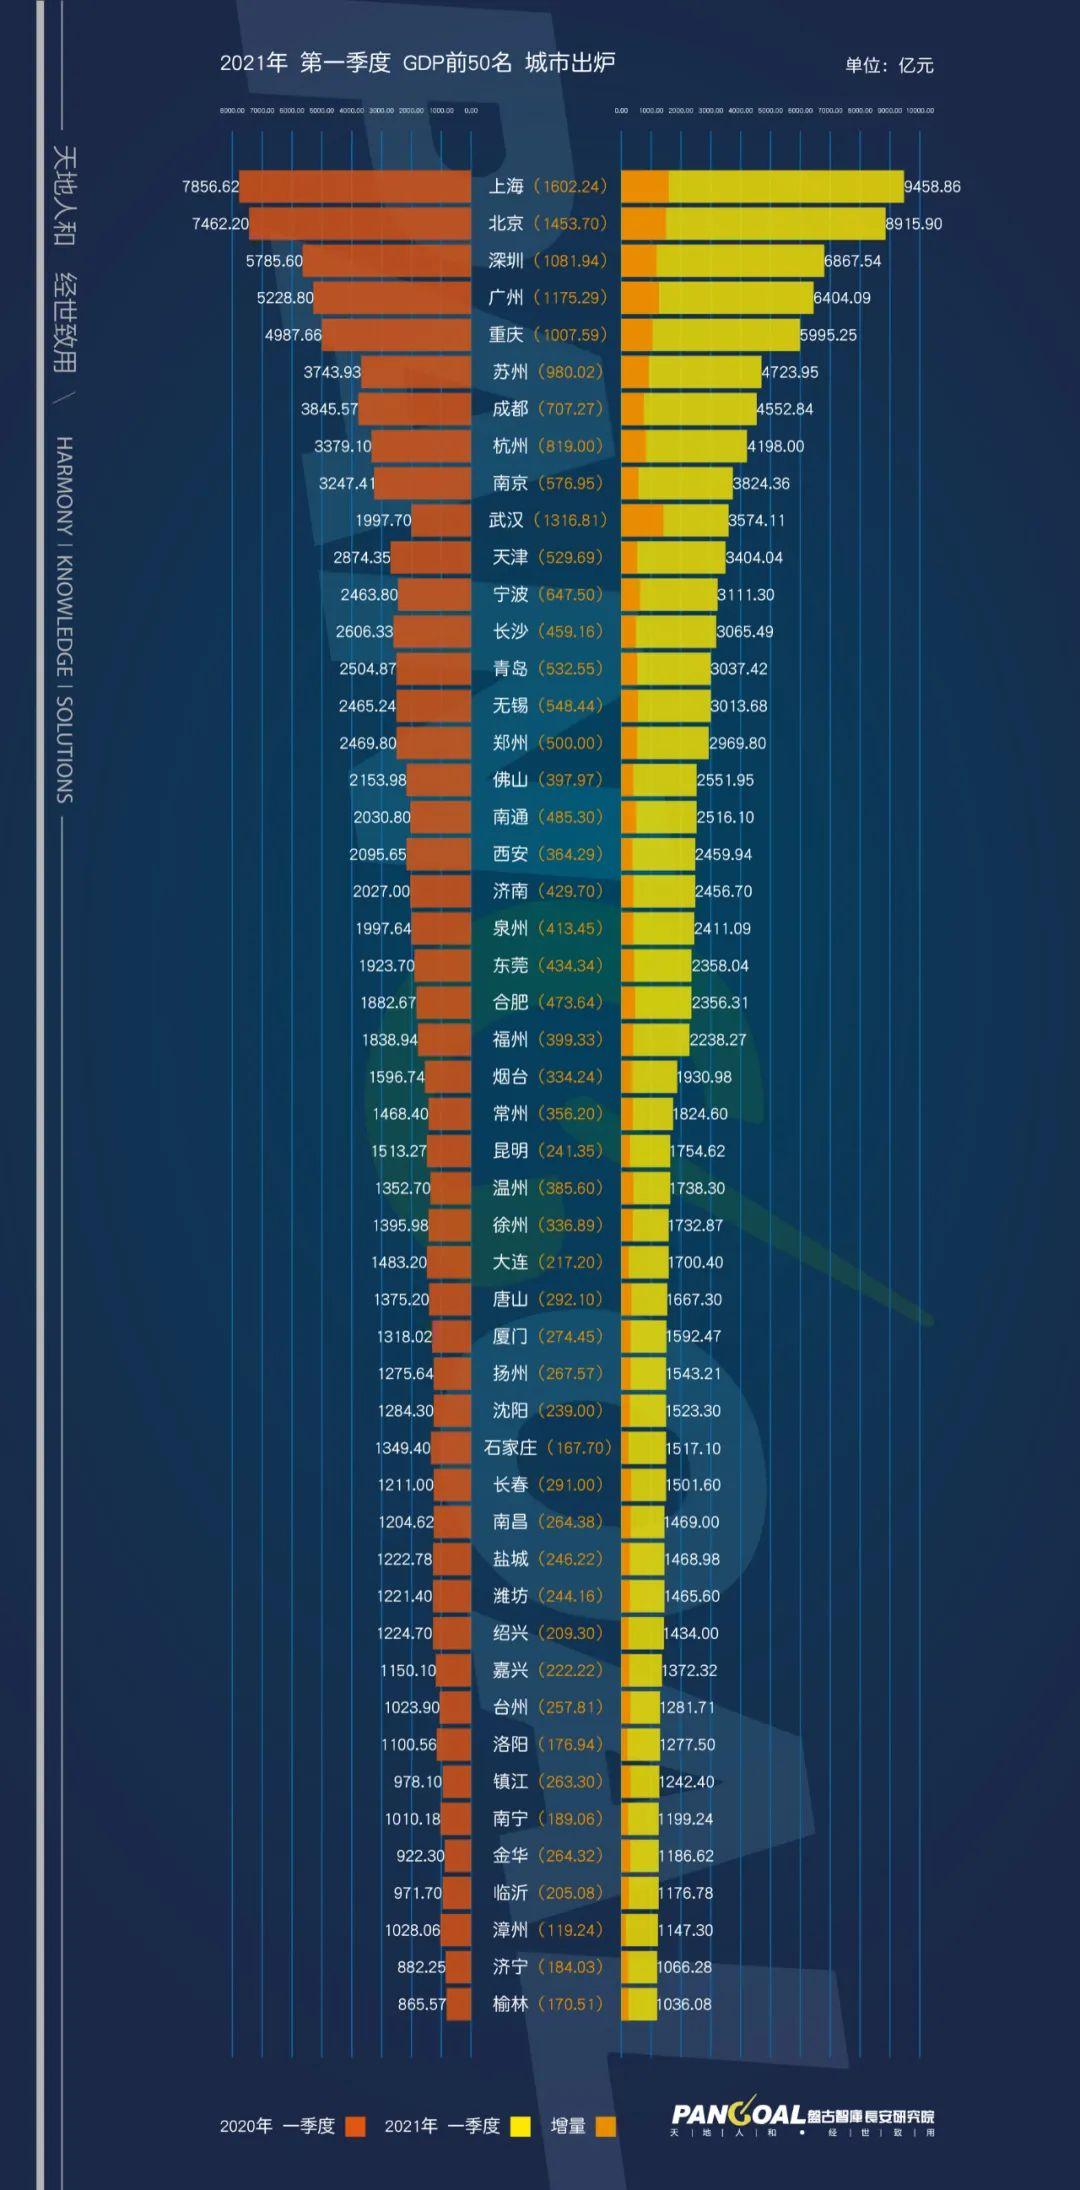 2017一季度城市gdp_数读2021年1季度各城市GDP大比拼